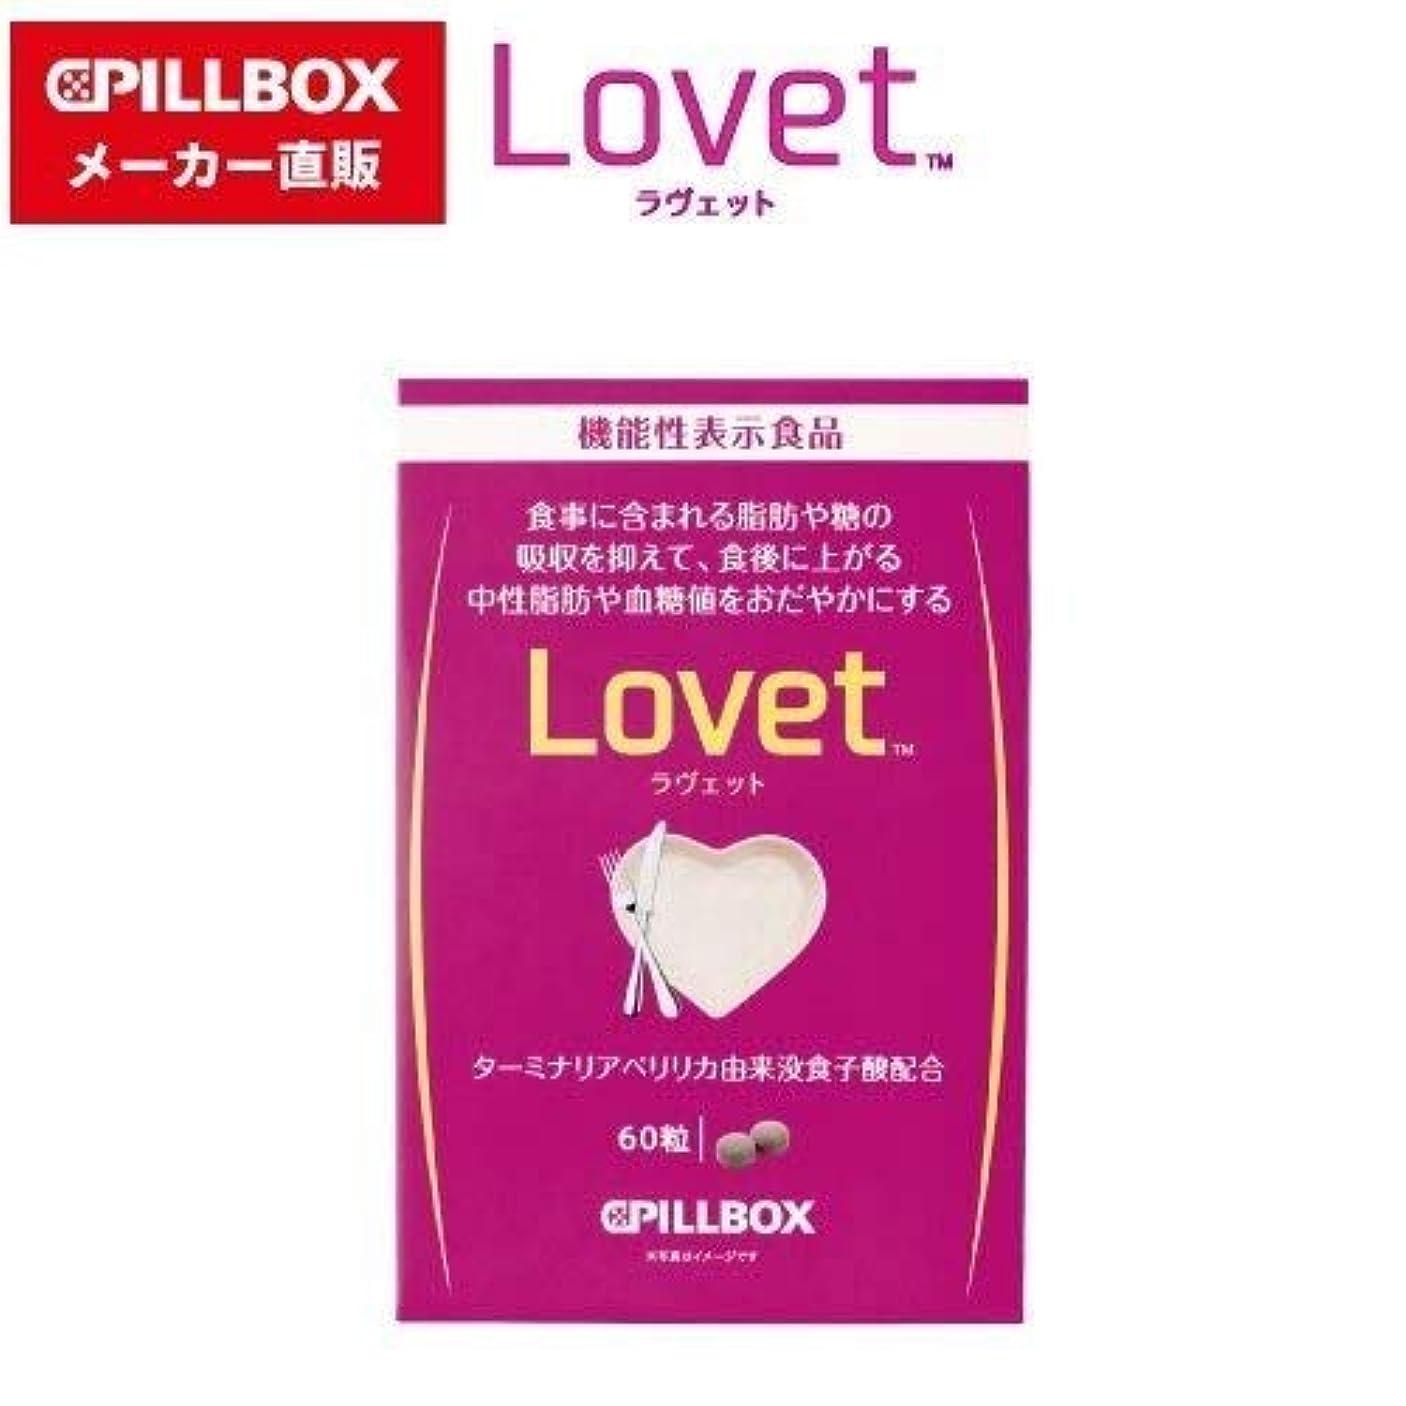 安価なボンド美徳ピルボックス Lovet(ラヴェット)60粒 5個セット